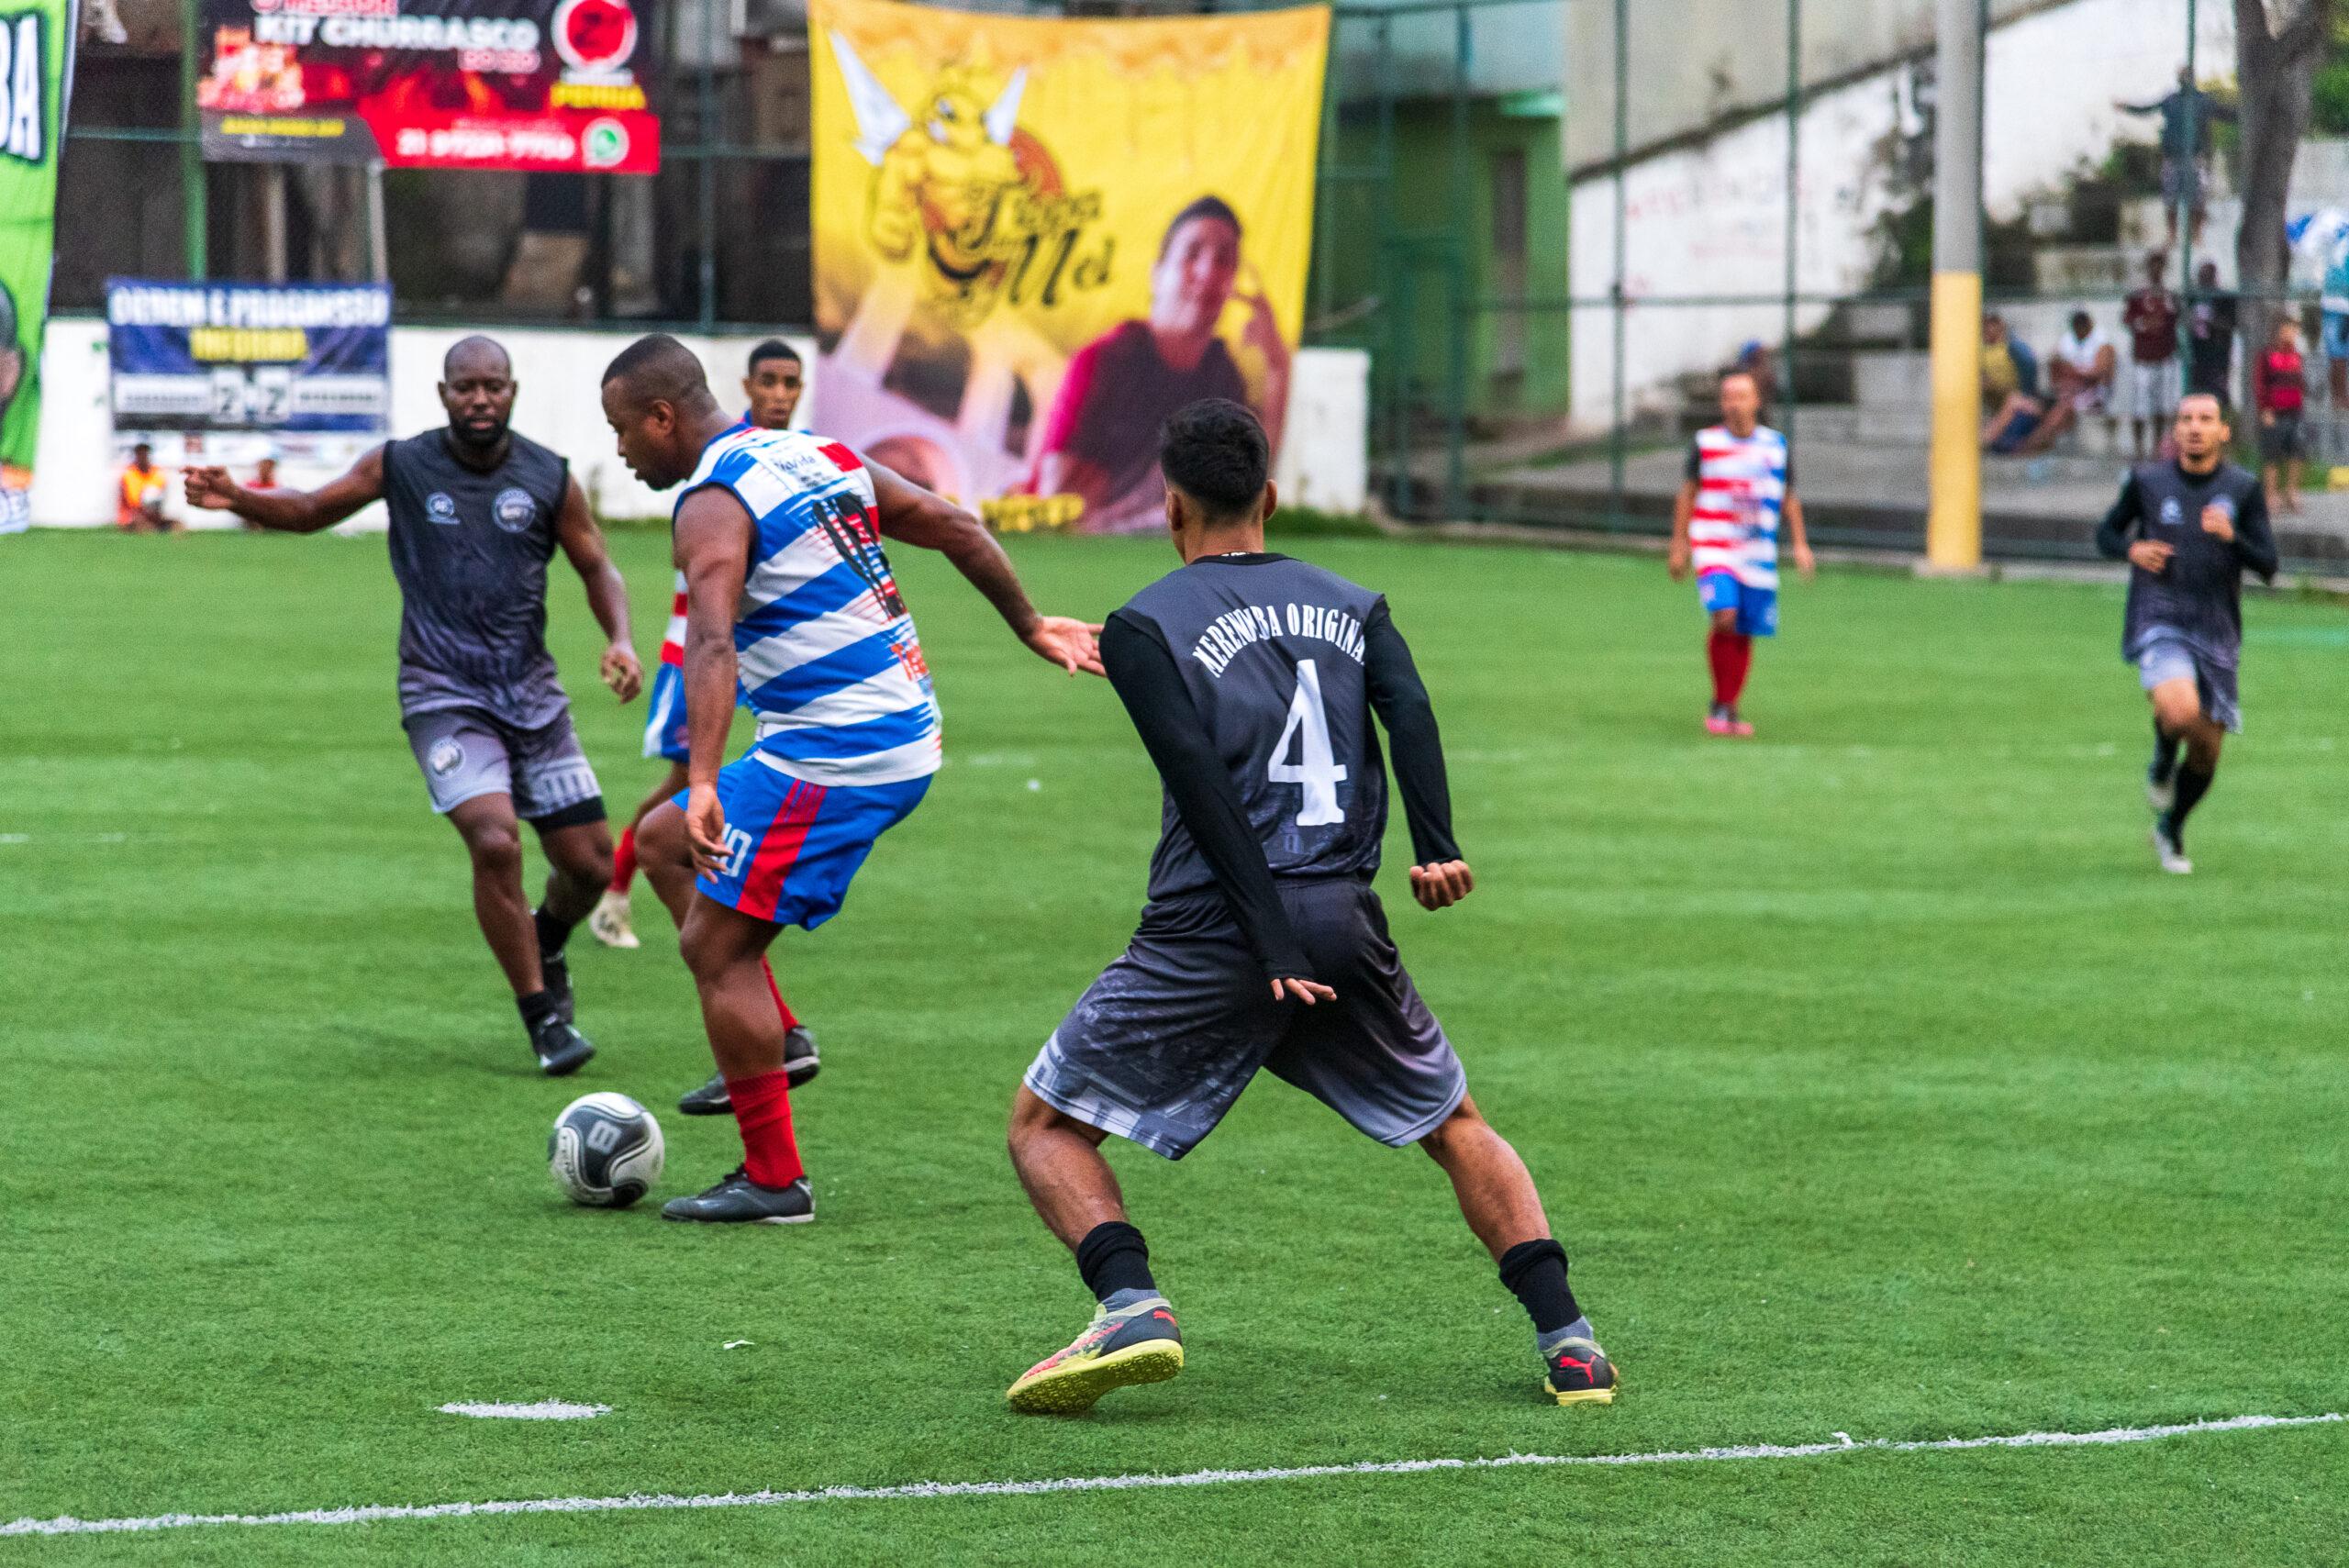 Liga de Futebol do Complexo da Penha vira atração para moradores